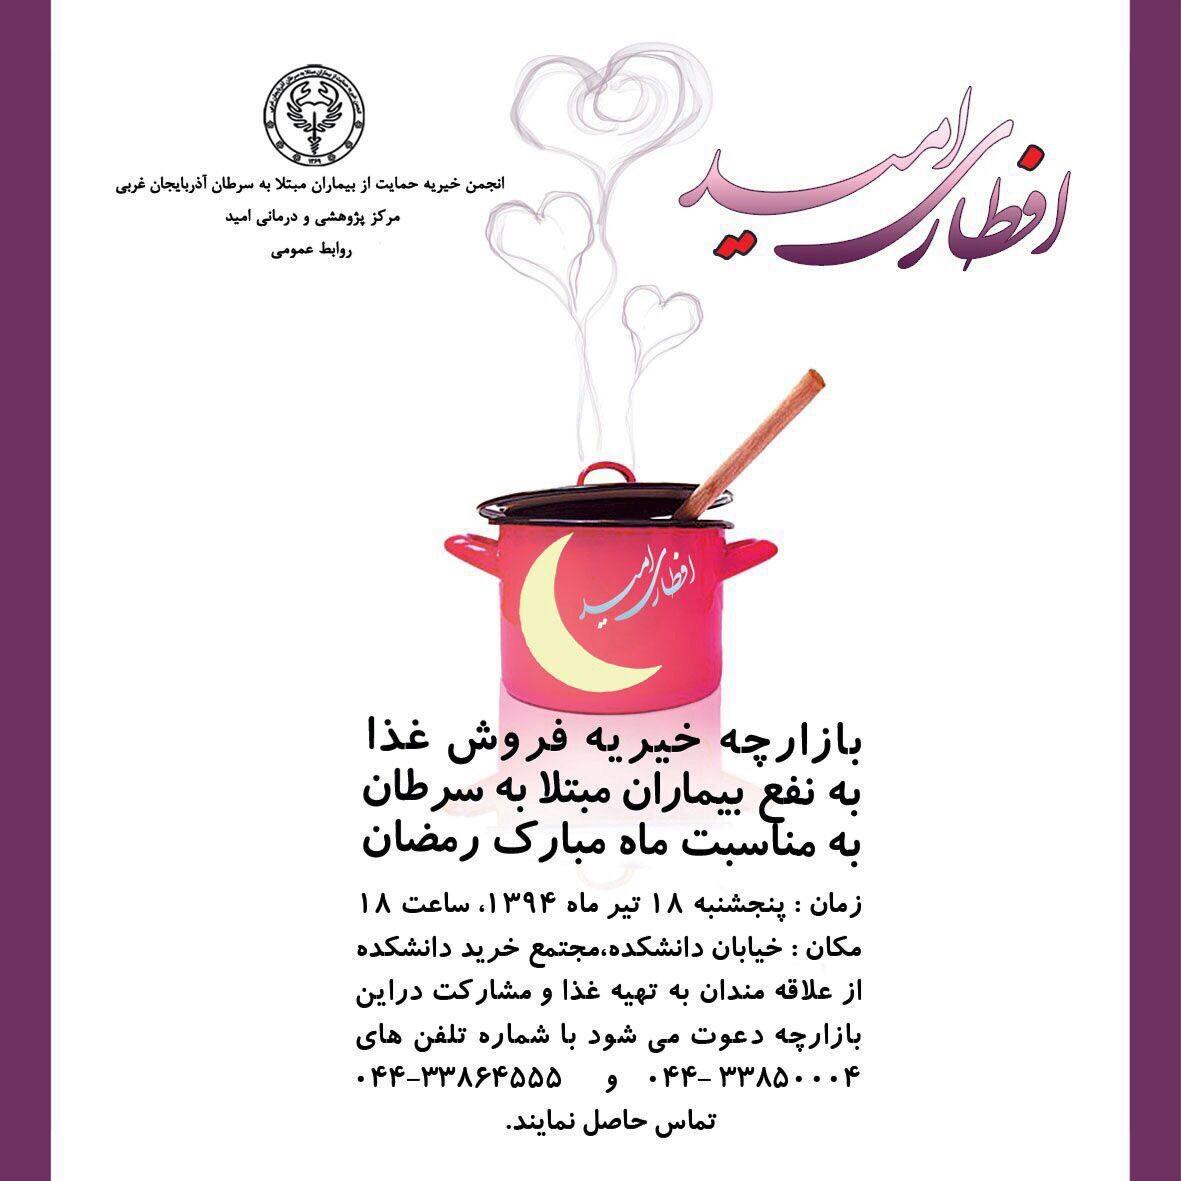 دومین جشنواره افطاری امید در ارومیه برگزار میشود